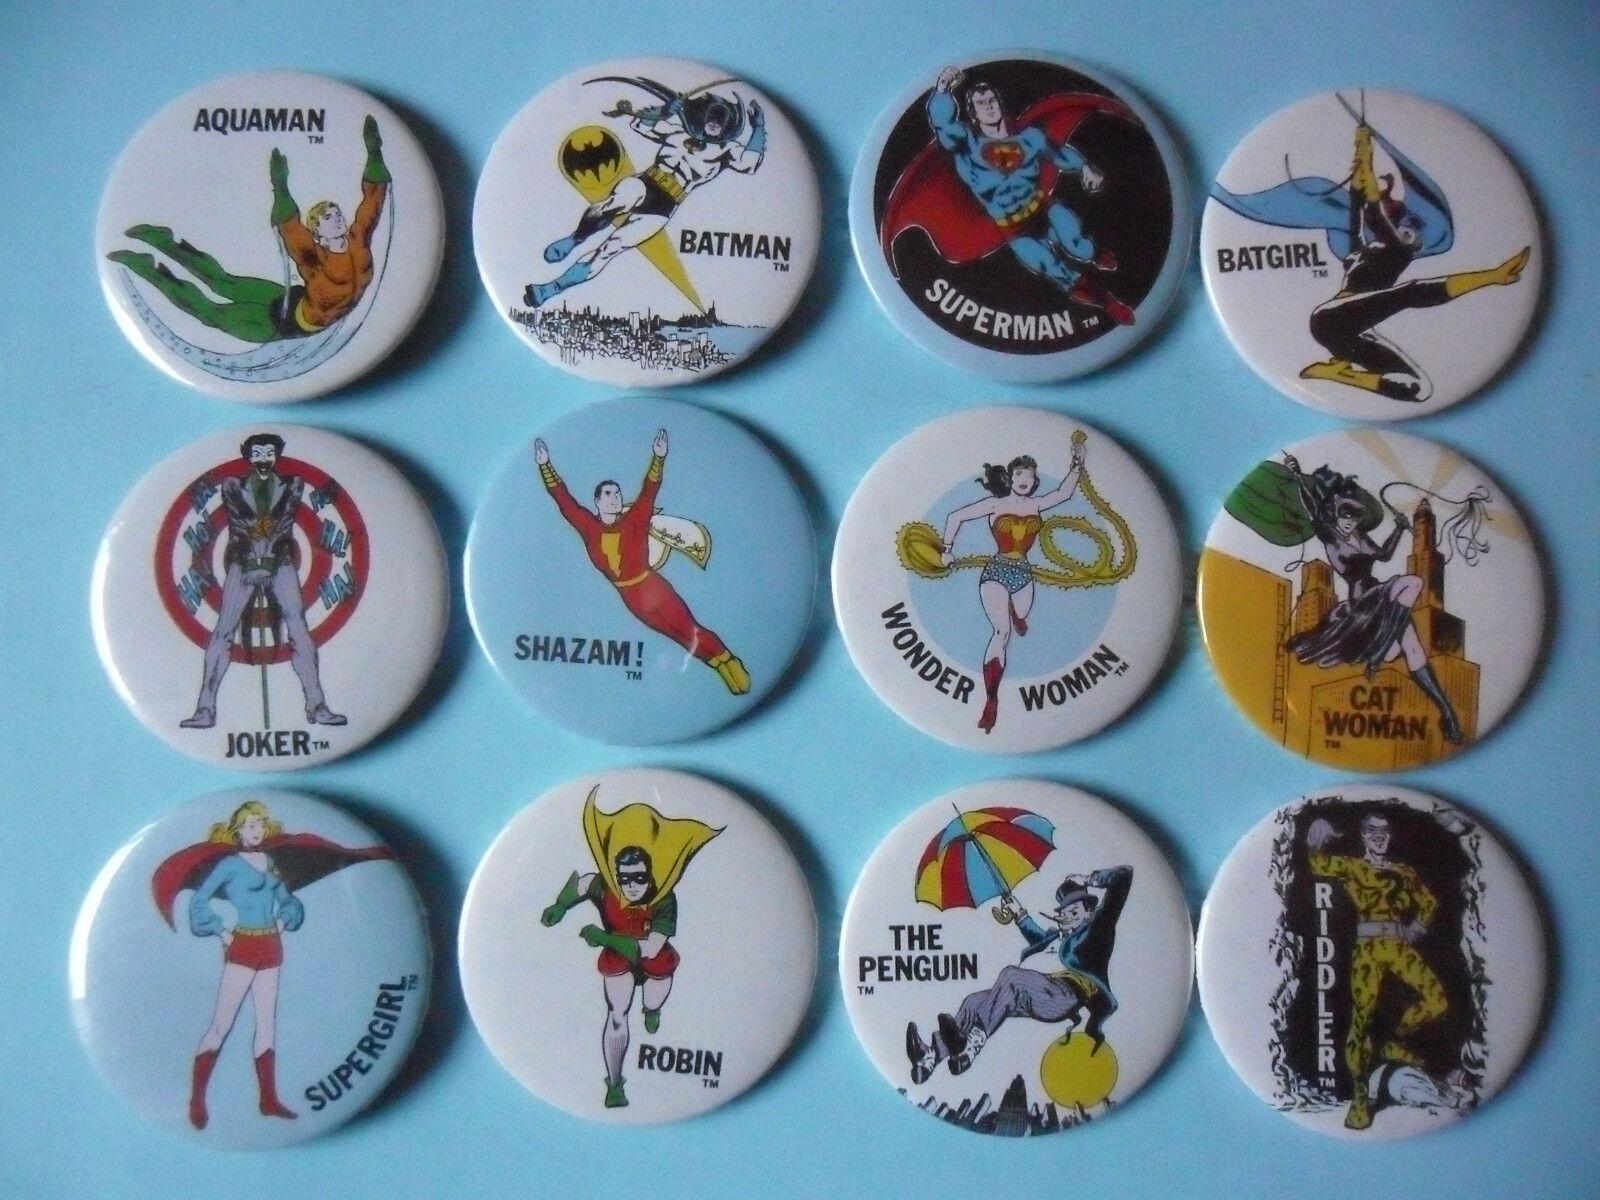 VINTAGE DC COMICS SUPER POWERS BADGES COMPLETE COLLECTION RAINBOW DESINGNS